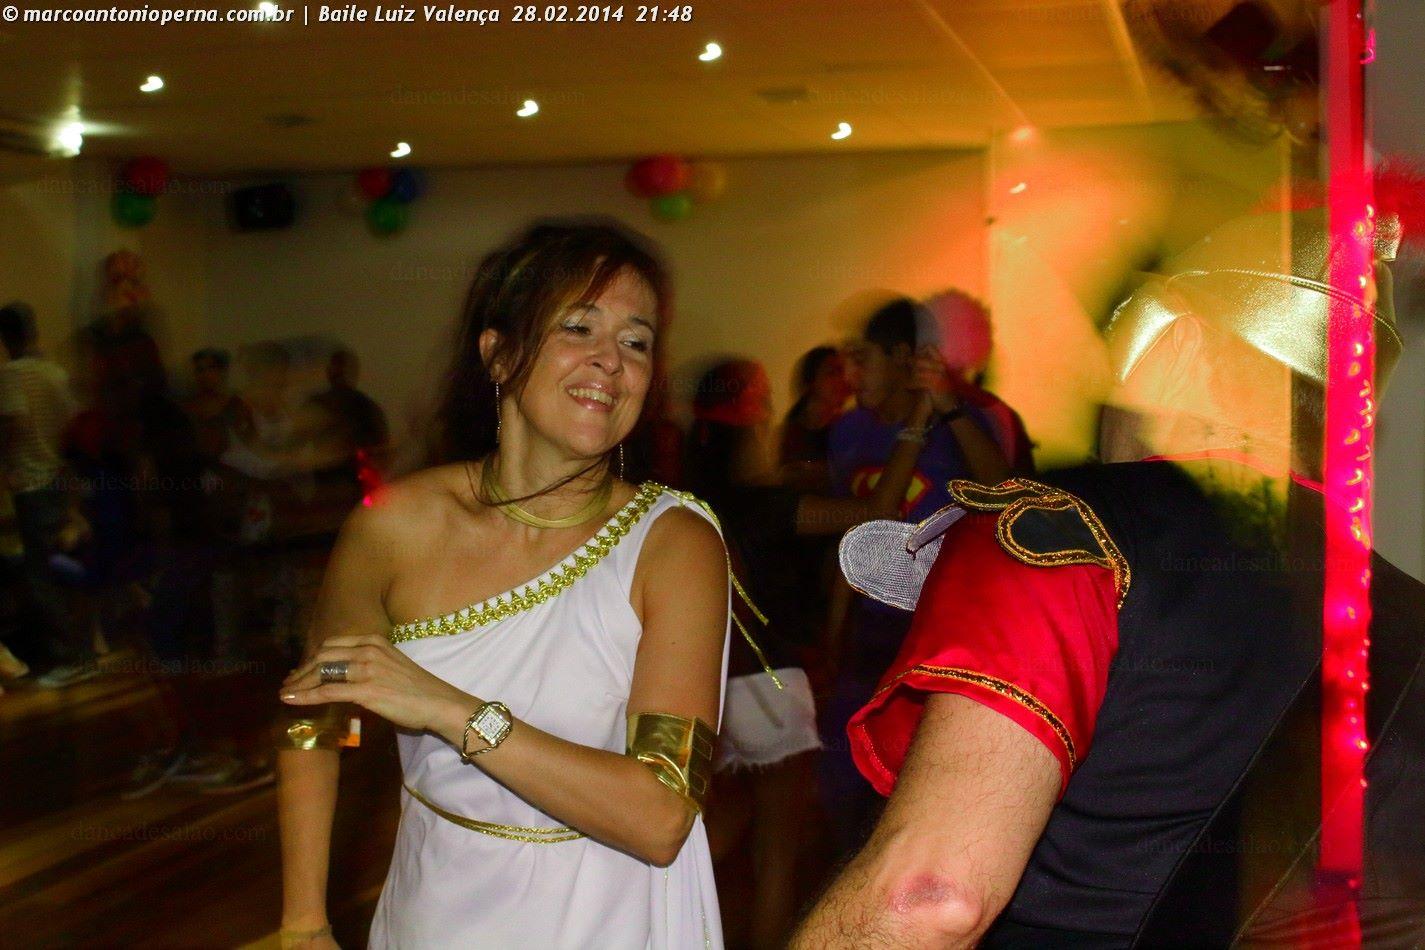 Baile na academia Dança de Salão Luiz Valença - Tijuca - Rio de Janeiro - RJ - 28.02.2014.